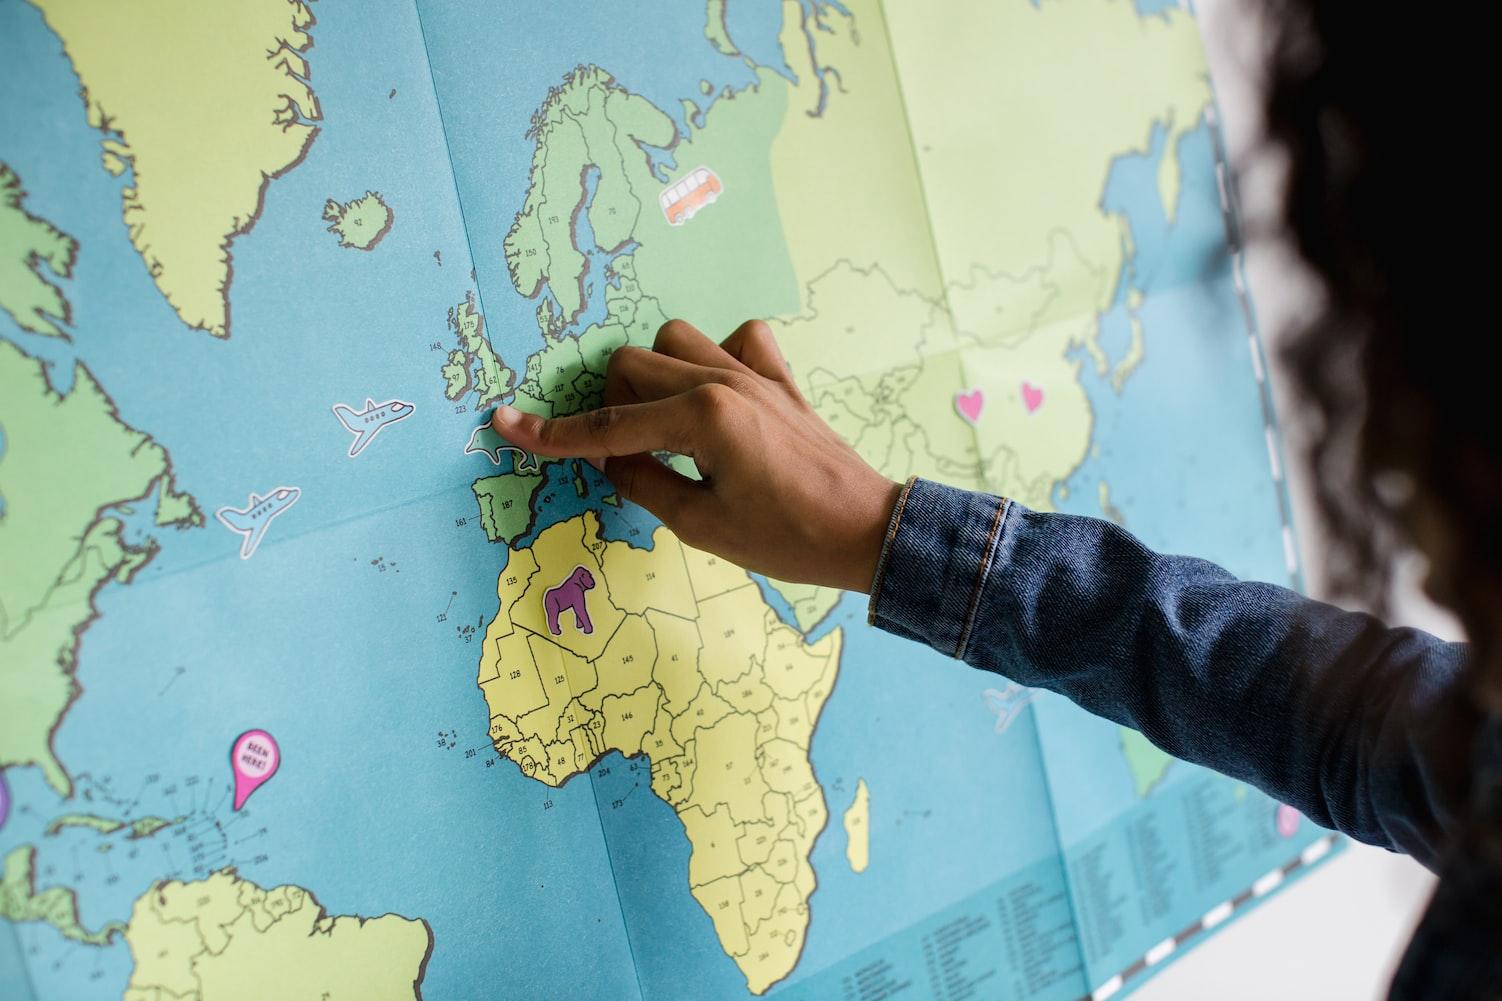 mundo, mapa, necessidade